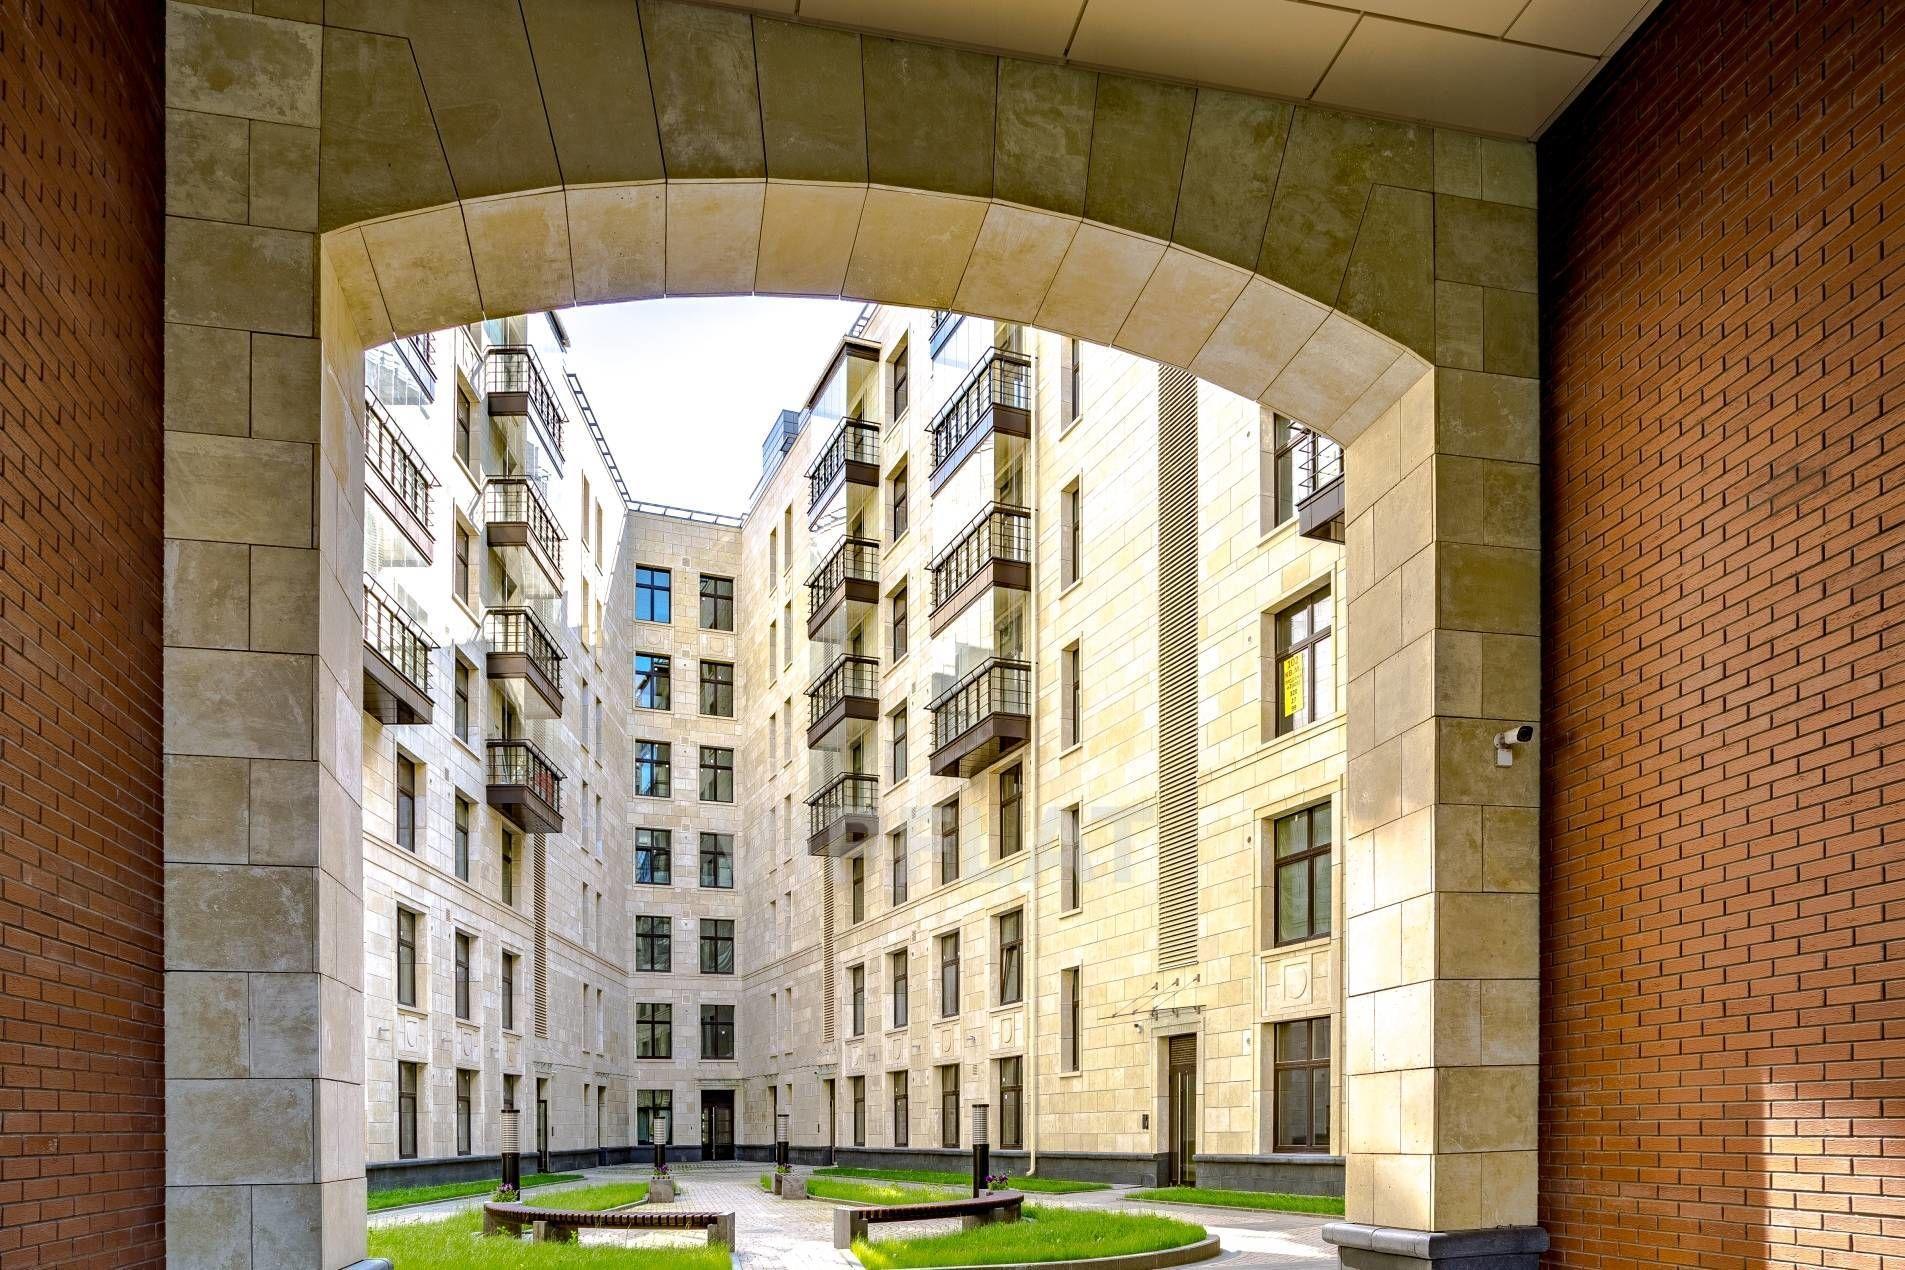 Продажа элитных квартир Санкт-Петербурга. Морской пр., 29 Закрытый двор-патио